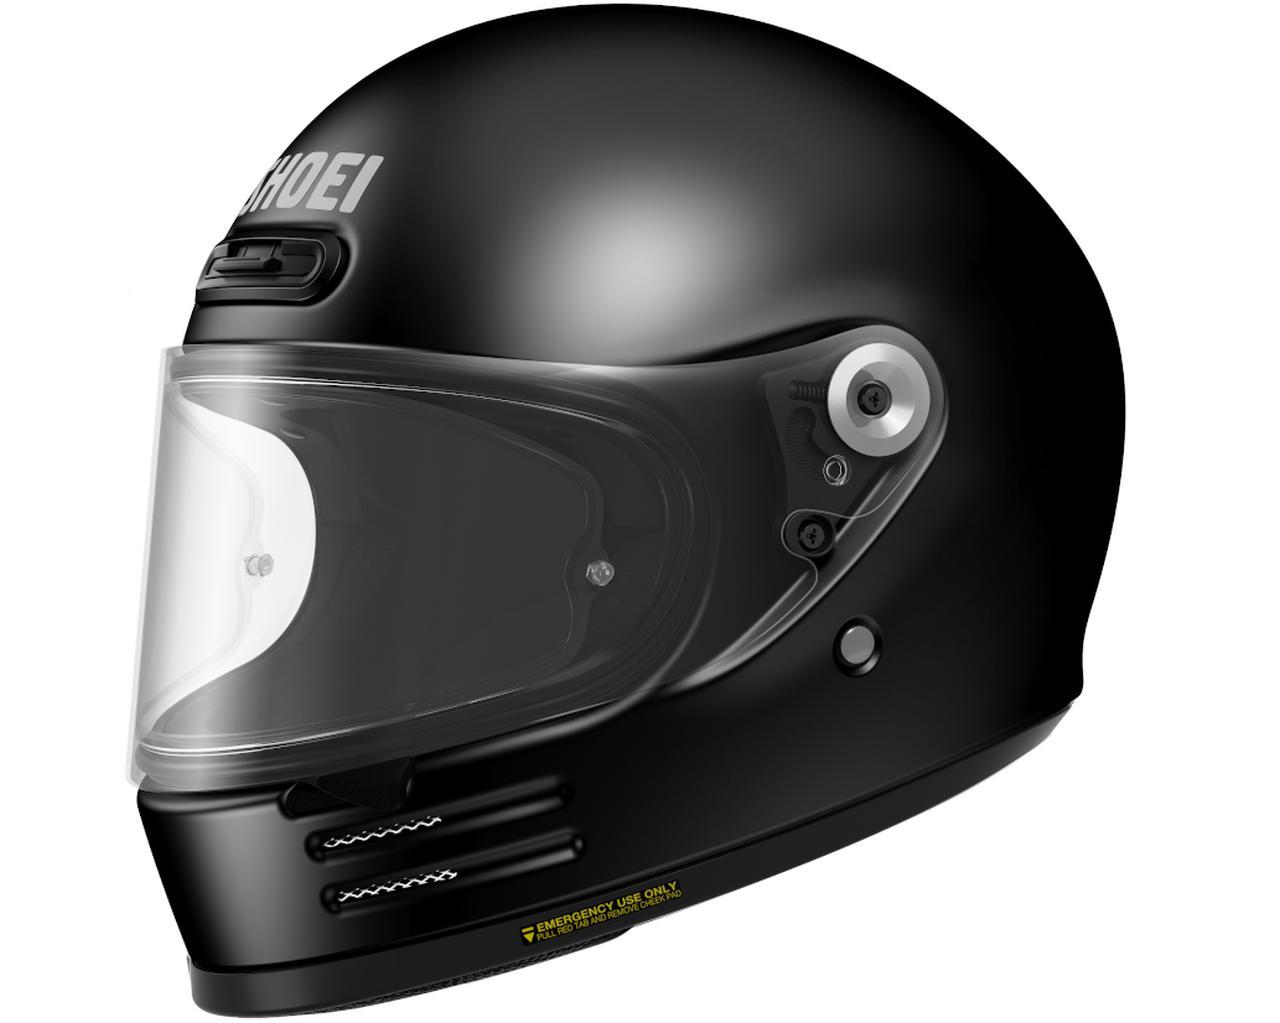 Images : 2番目の画像 - 「SHOEIが新型フルフェイスヘルメット「グラムスター」の価格・発売時期・仕様を発表!」のアルバム - webオートバイ